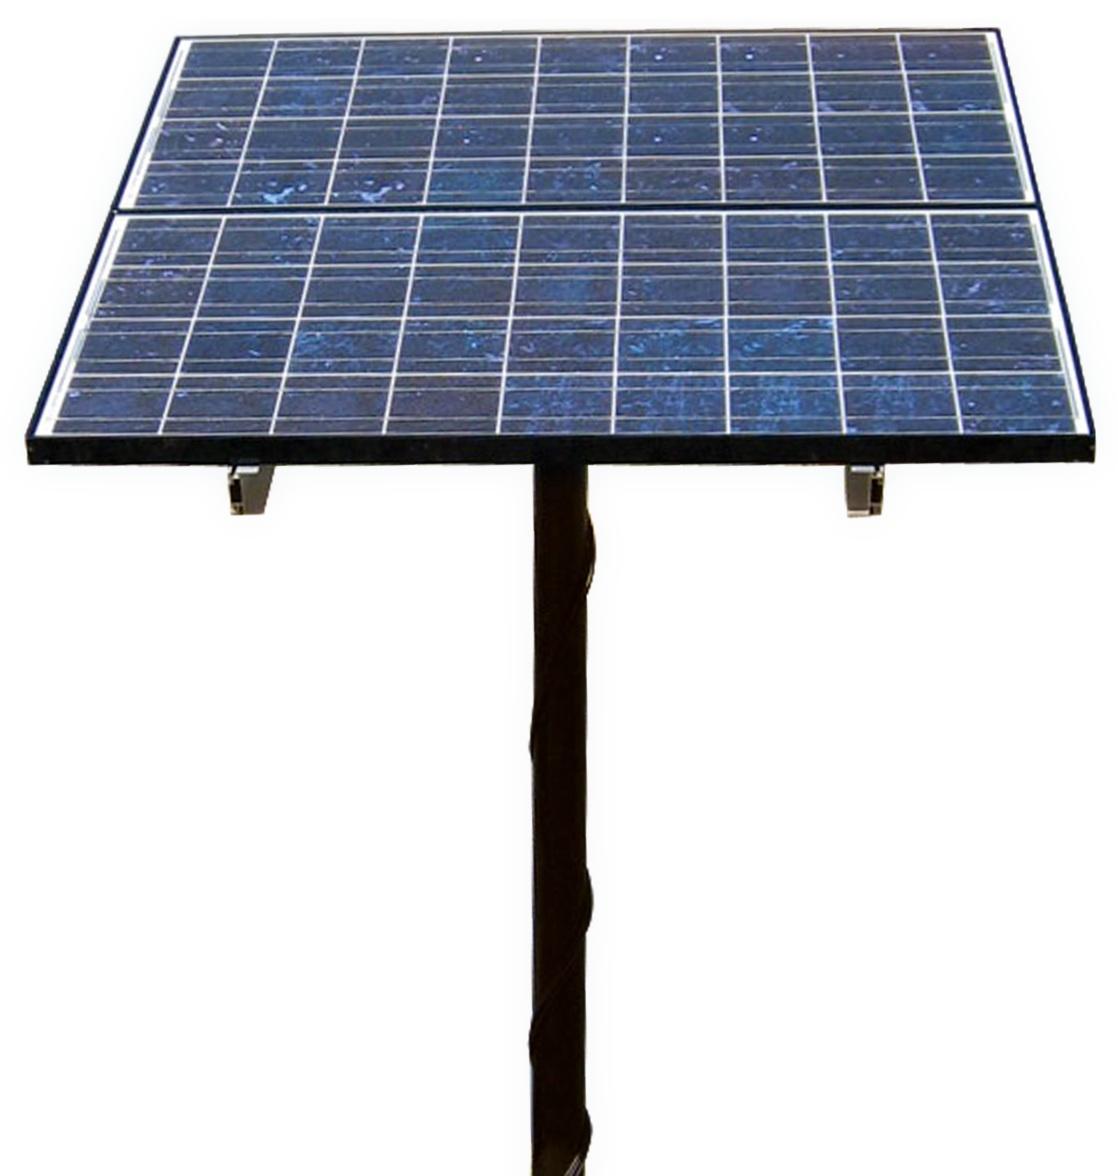 keeton-solar-SB3-SB4.jpg